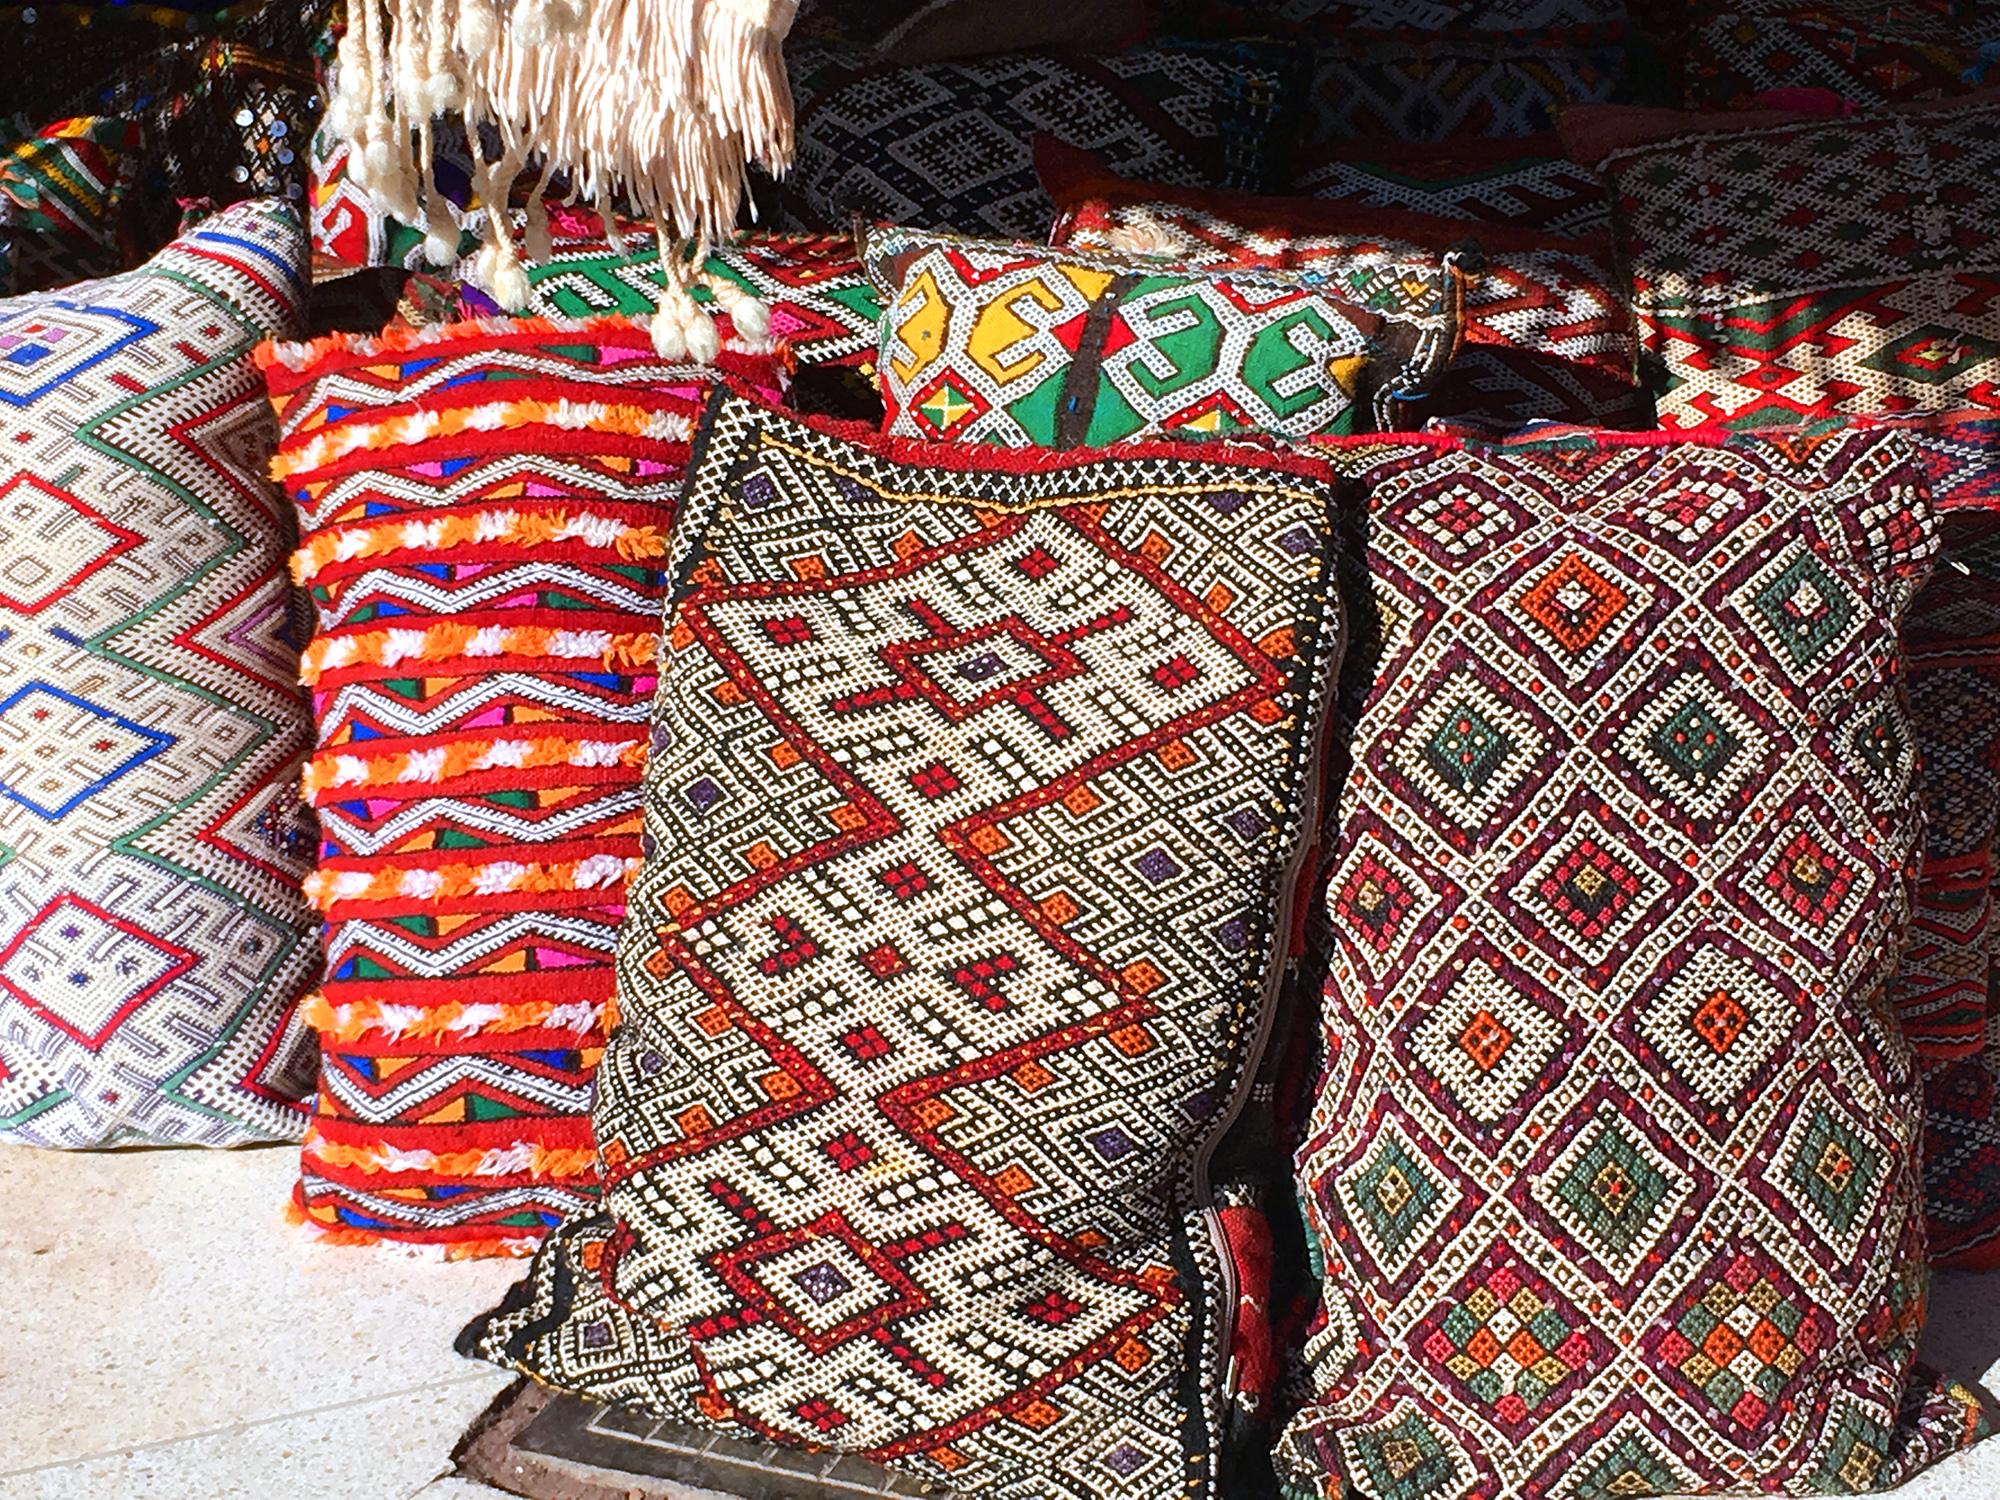 The Souks of Marrakech, Kilim pillow cases